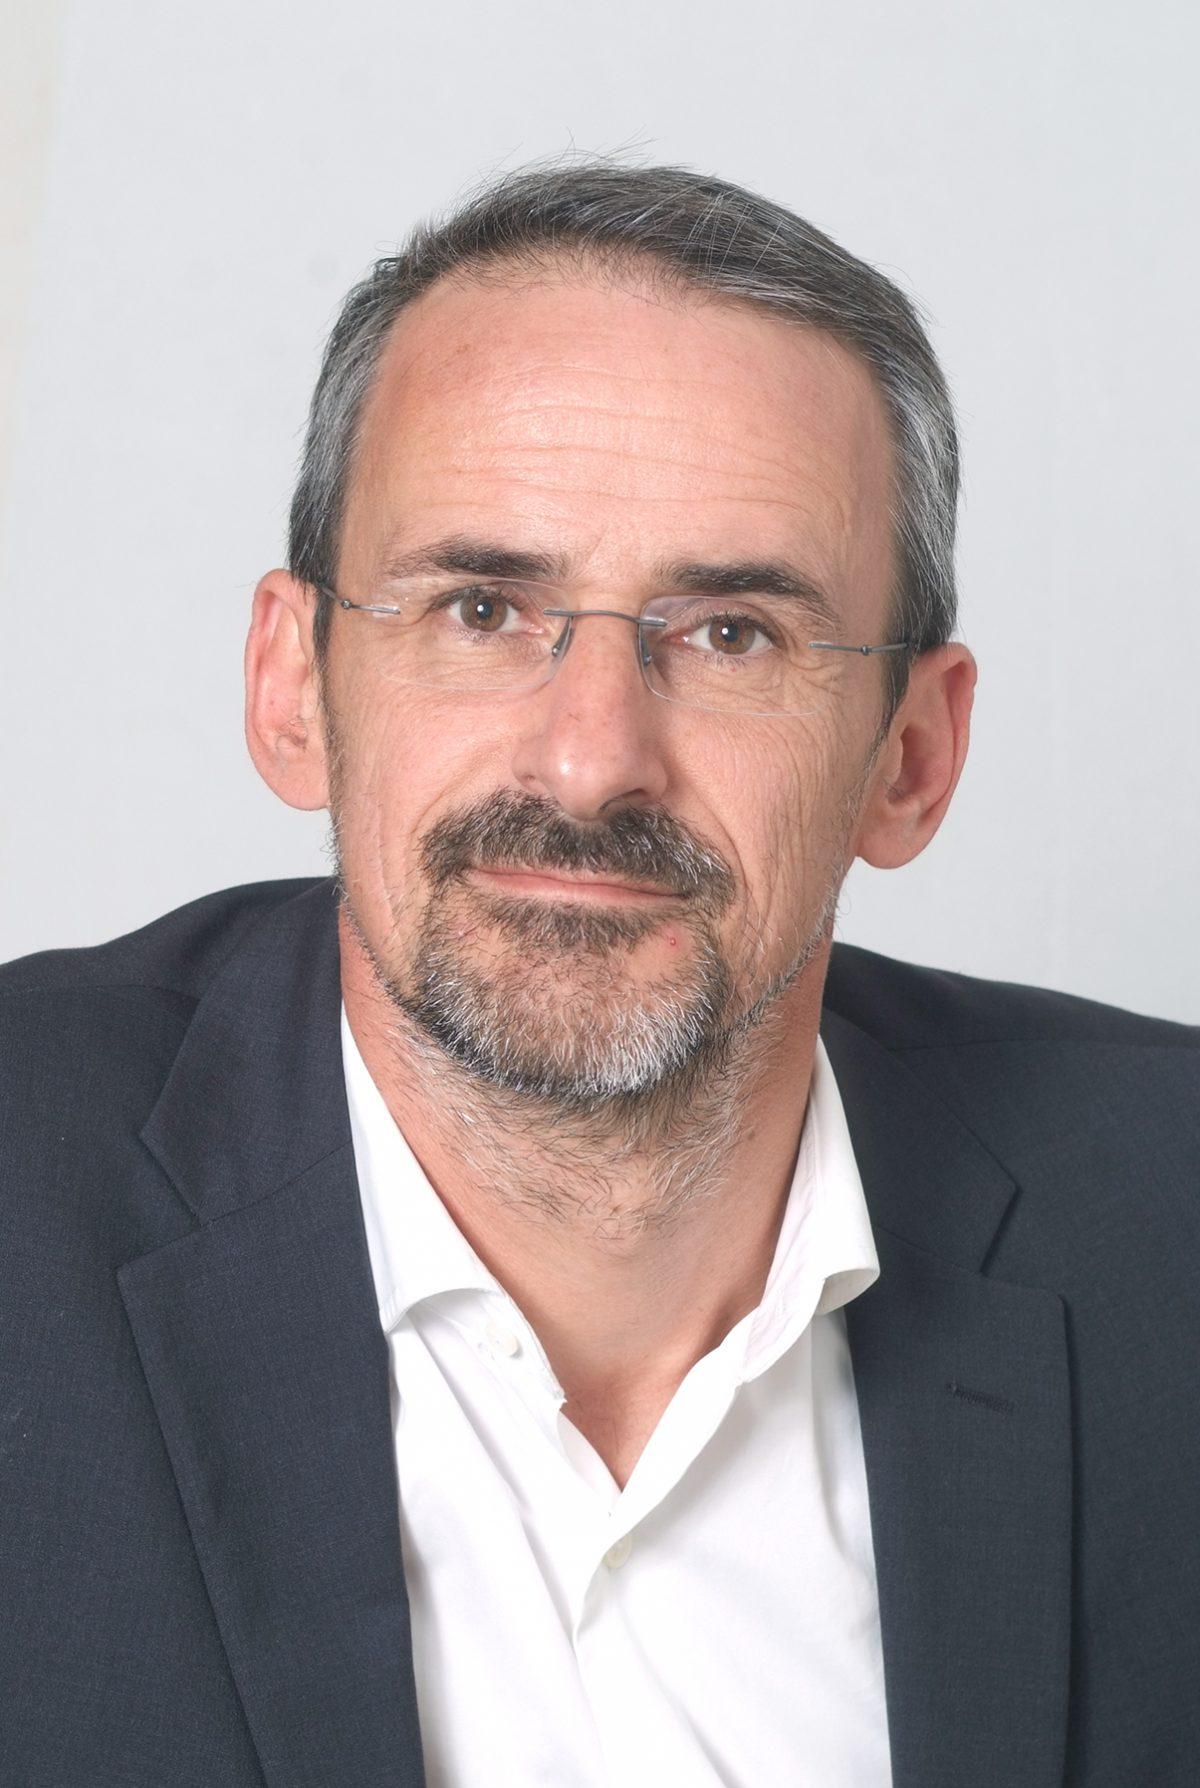 Portrait de Coach - Philippe Moyen